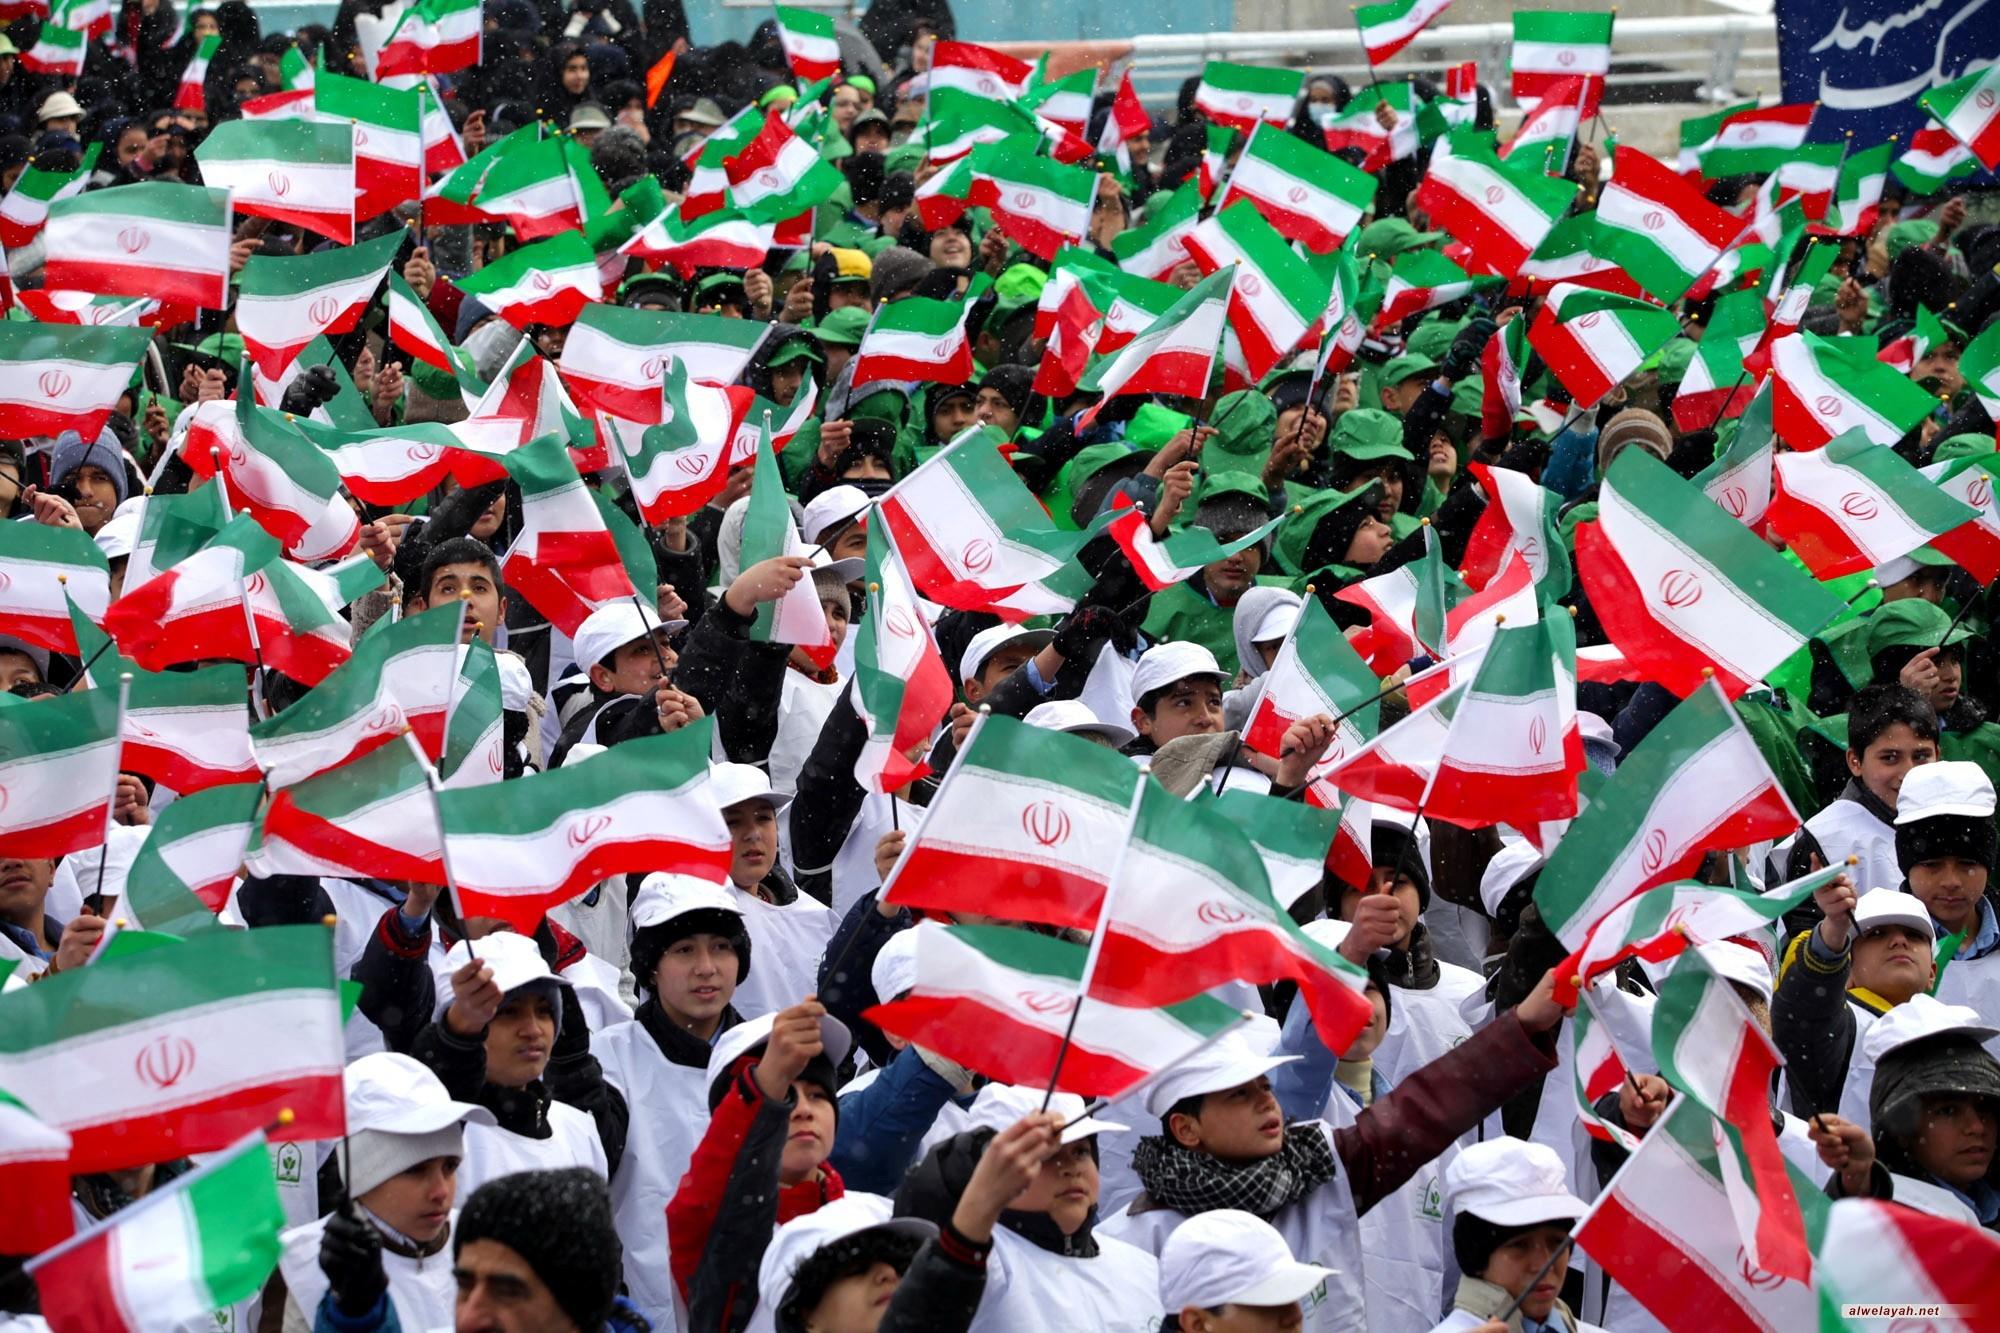 المراجع والمؤسسات يدعون الشعب للحضور الملحمي في مسيرات 11 شباط